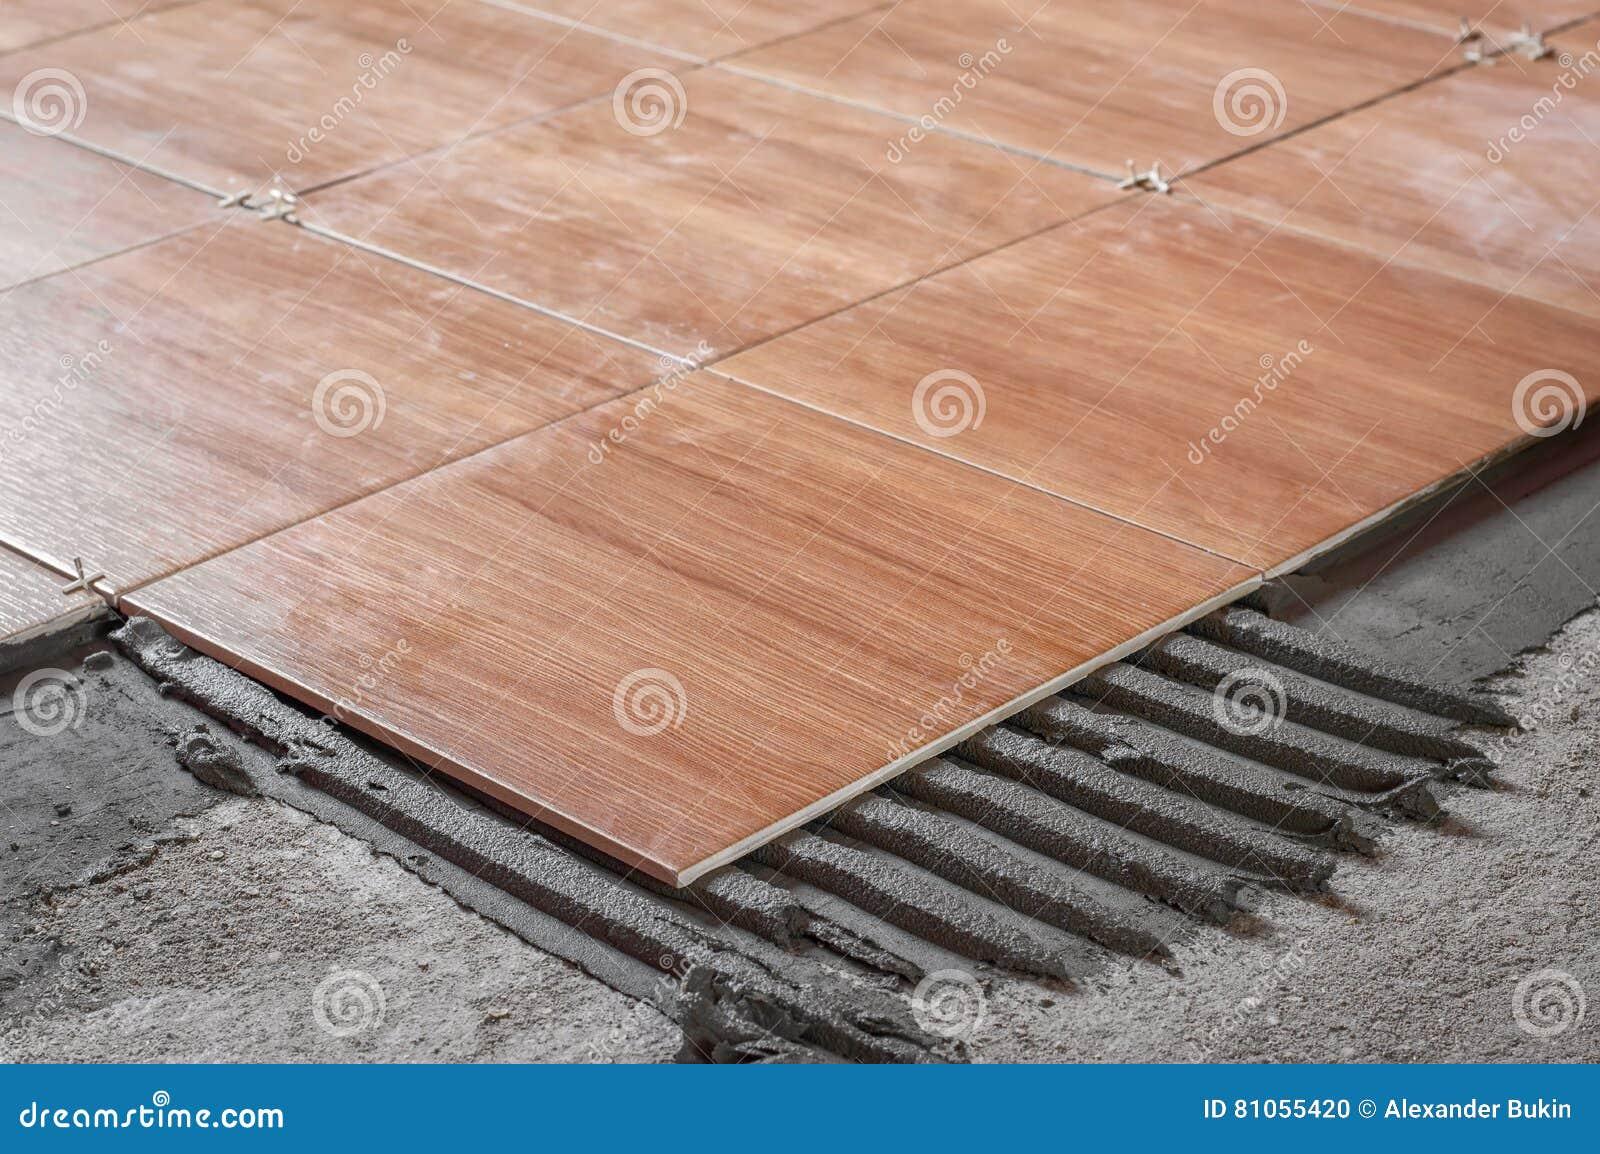 Fußboden Fliesen Reparieren ~ Reparieren sie die arbeit und fliesen auf den boden legen